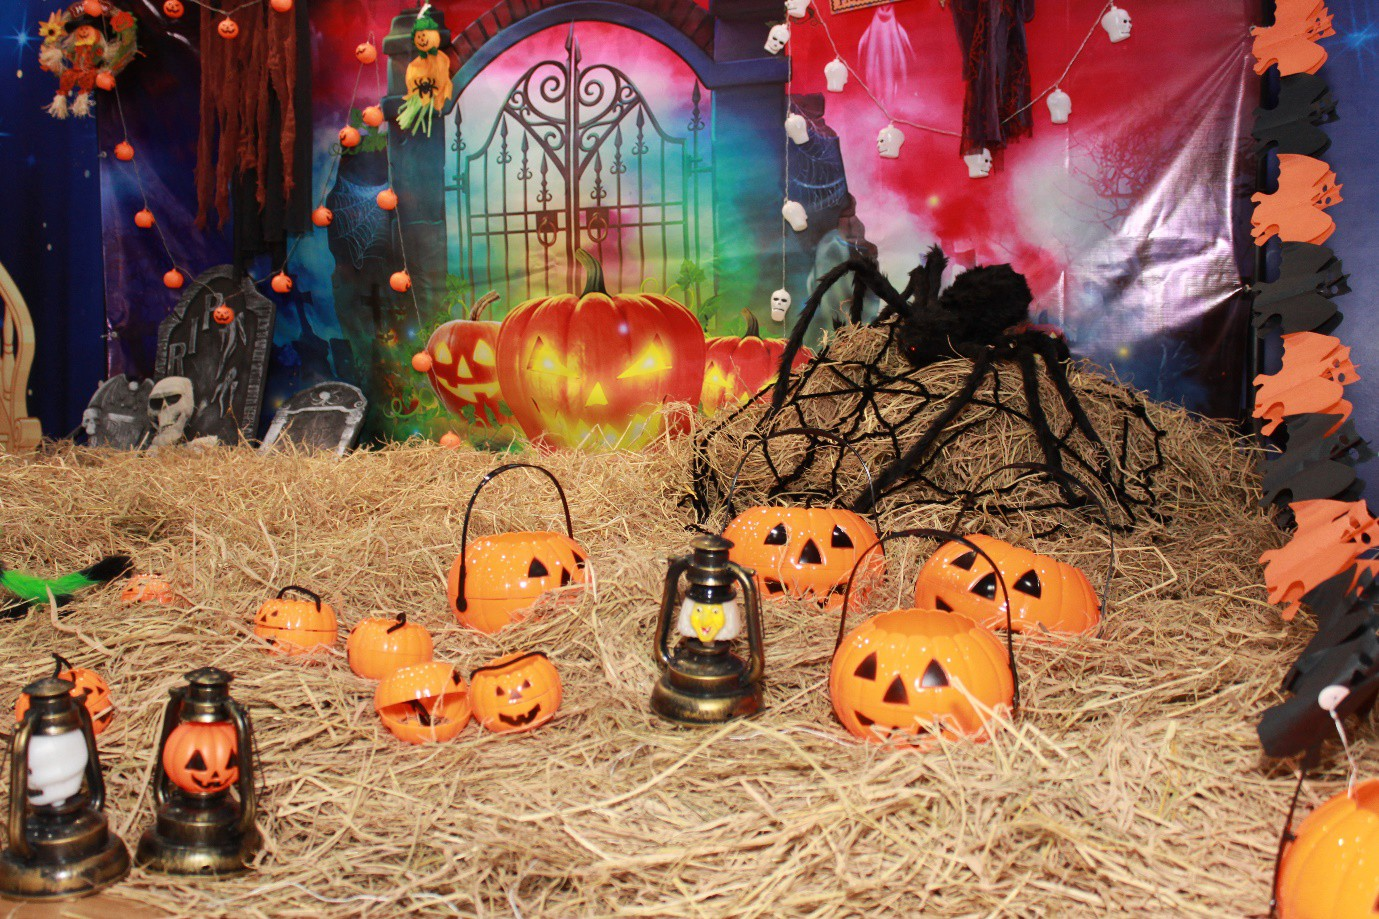 """Điểm đến Halloween: Hóa trang ấn tượng tại đêm hội """"HallotiNi Cà Lang Bí Rợ"""" cùng tiNiWorld - Ảnh 1."""